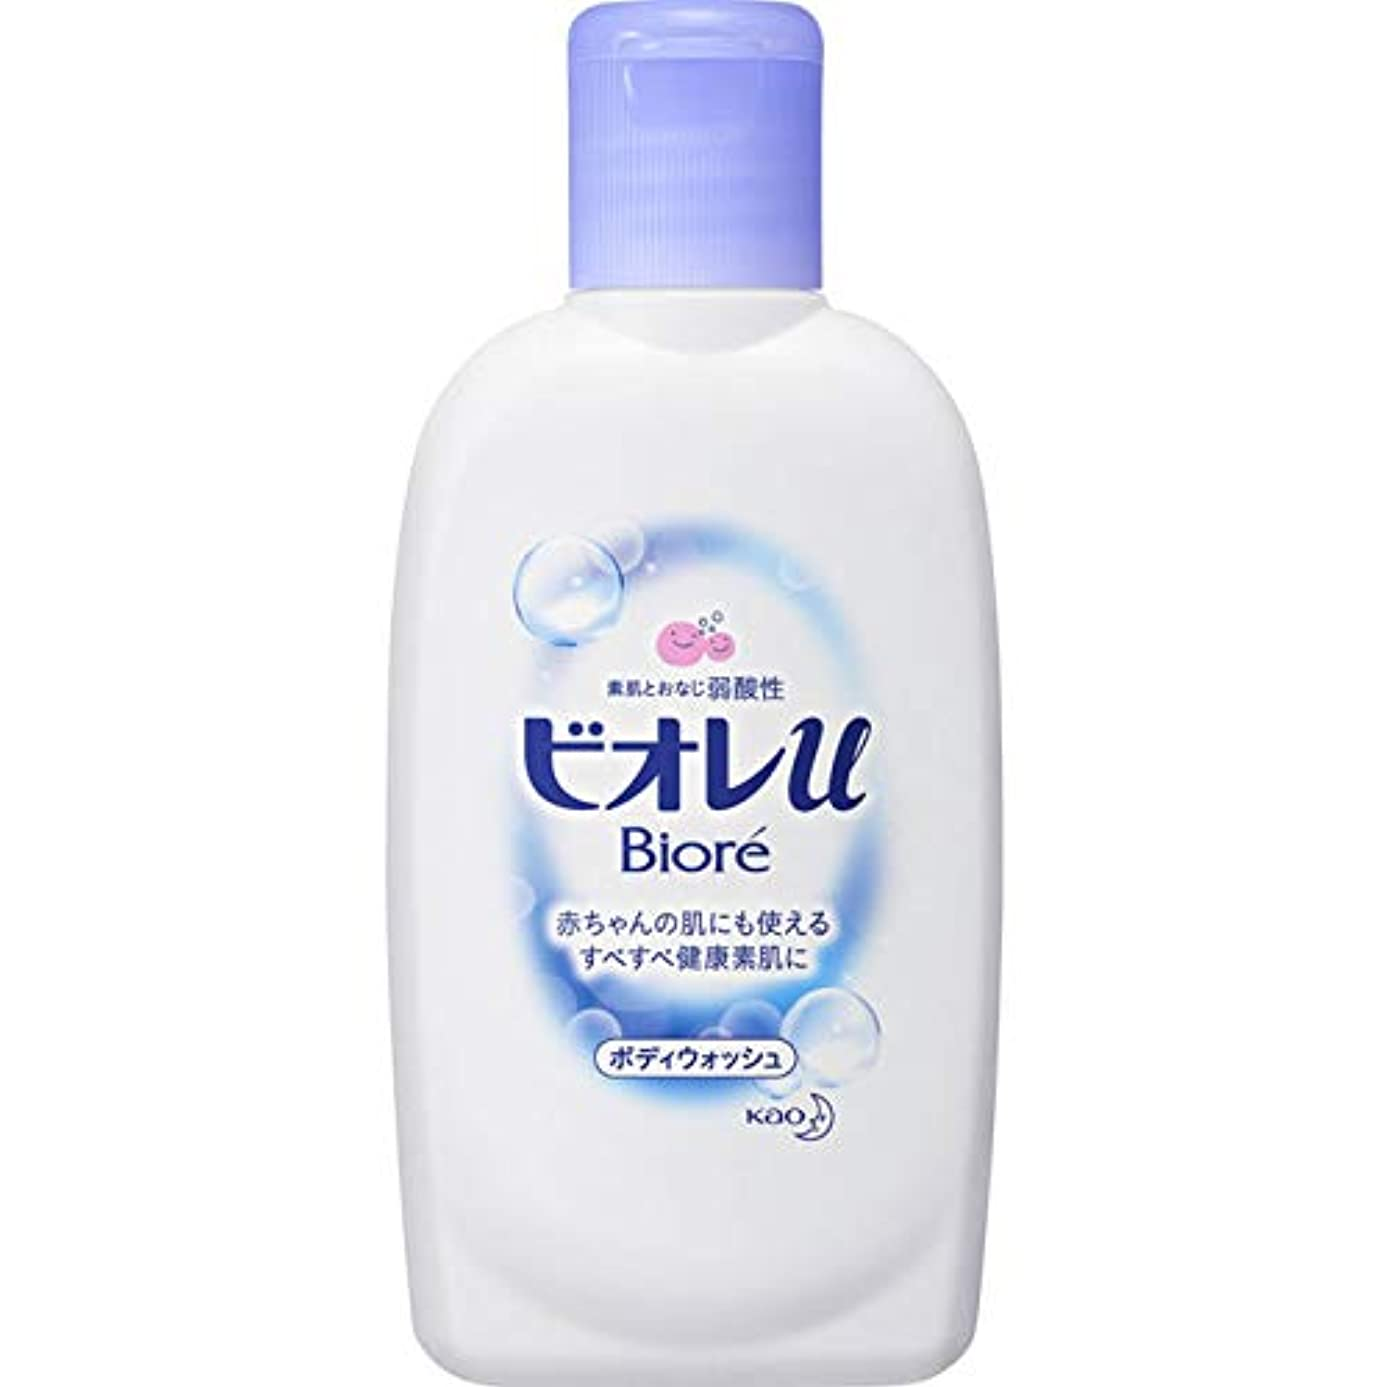 ミネラルリズミカルな接触ビオレu フレッシュフローラルの香り ミニ 90ml